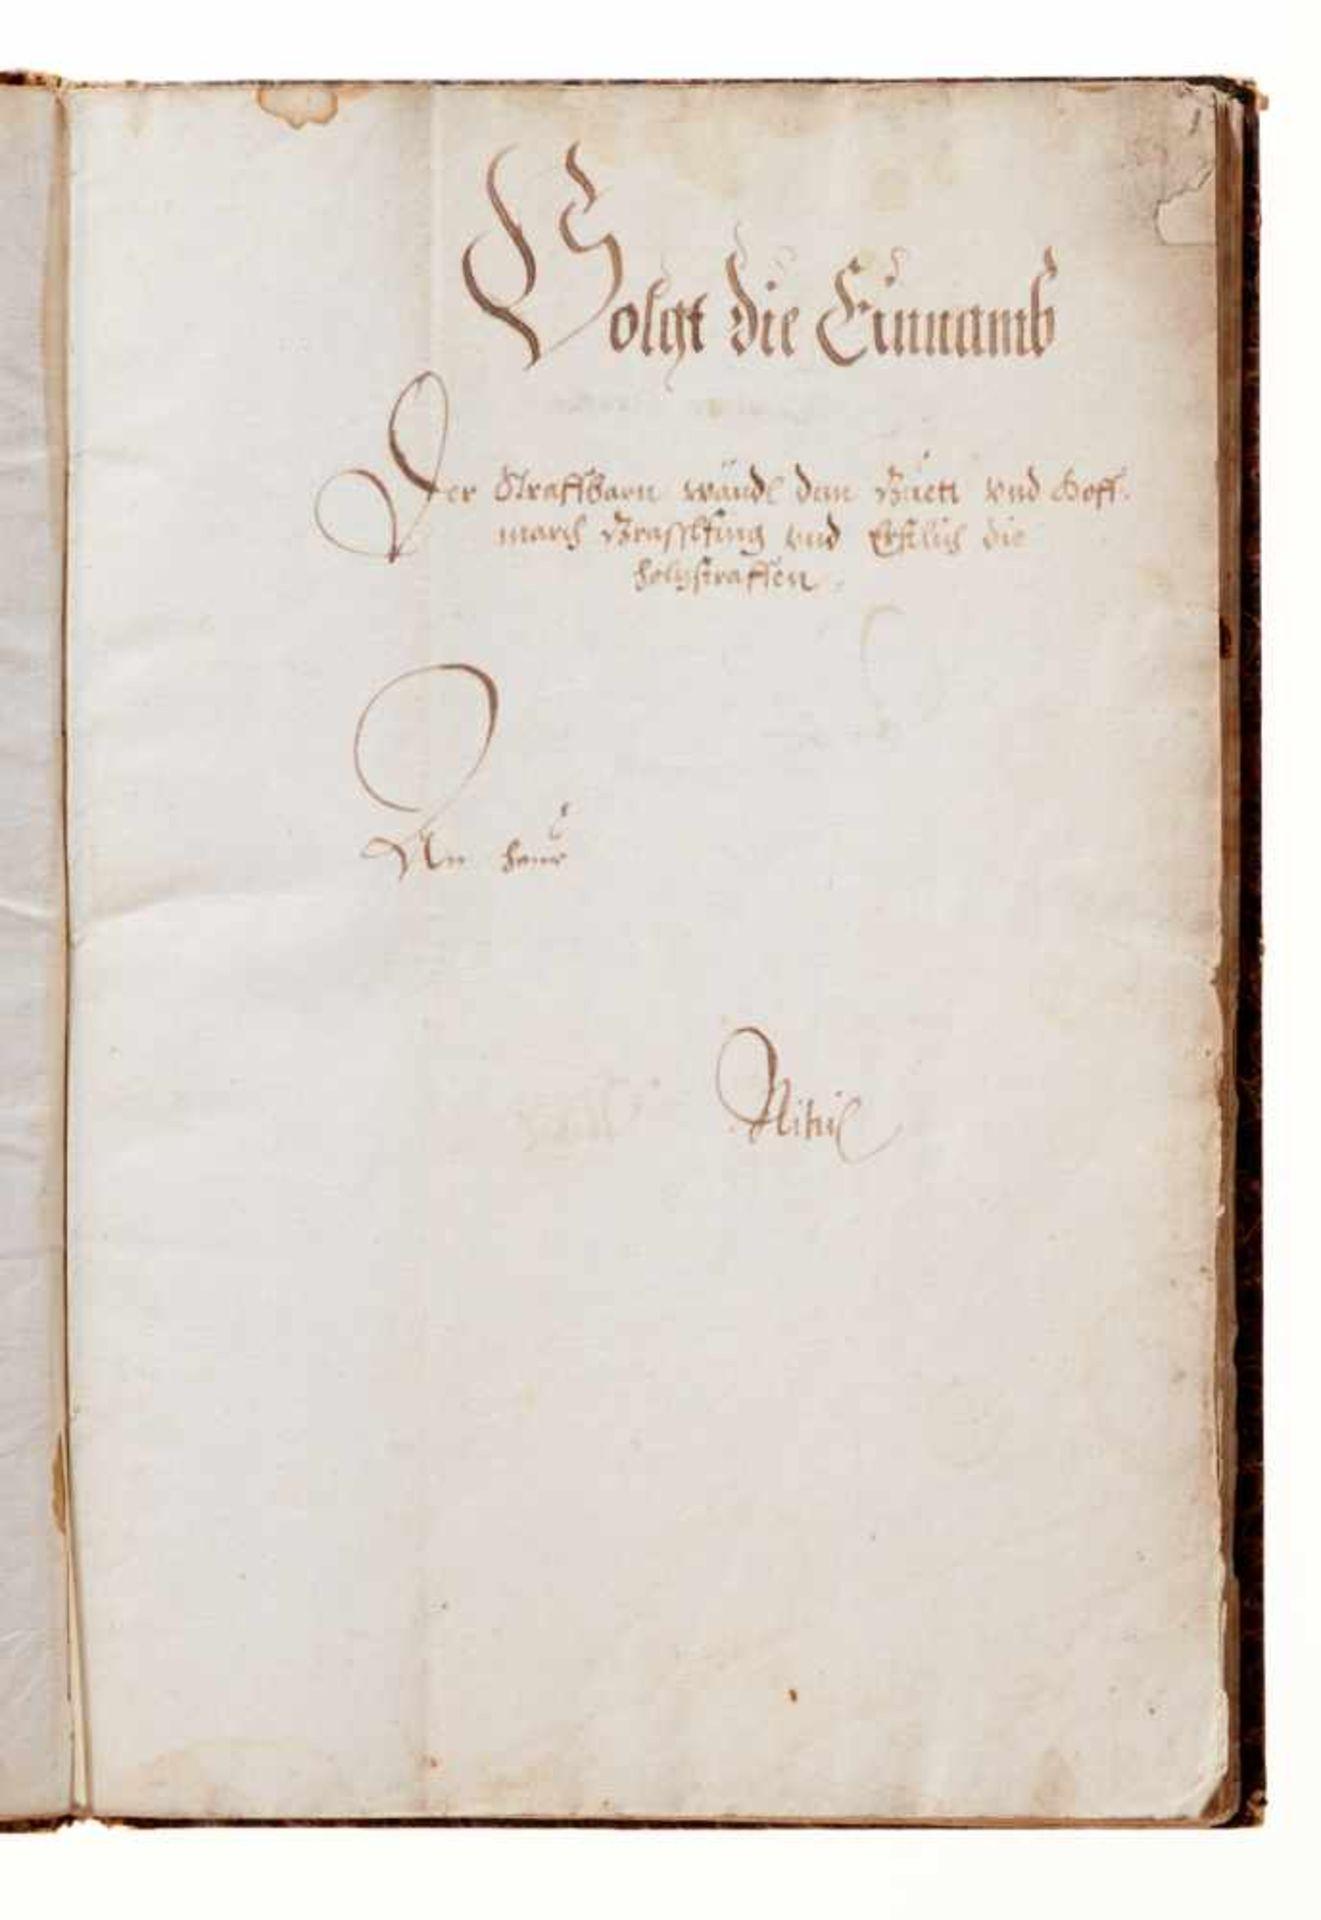 """Grasslfing- """"Hauß Rechnung"""". Deutsche Handschrift auf Papier.Dat. Graßlfing, 1. 5. 1640 - 30. 4. - Bild 3 aus 5"""